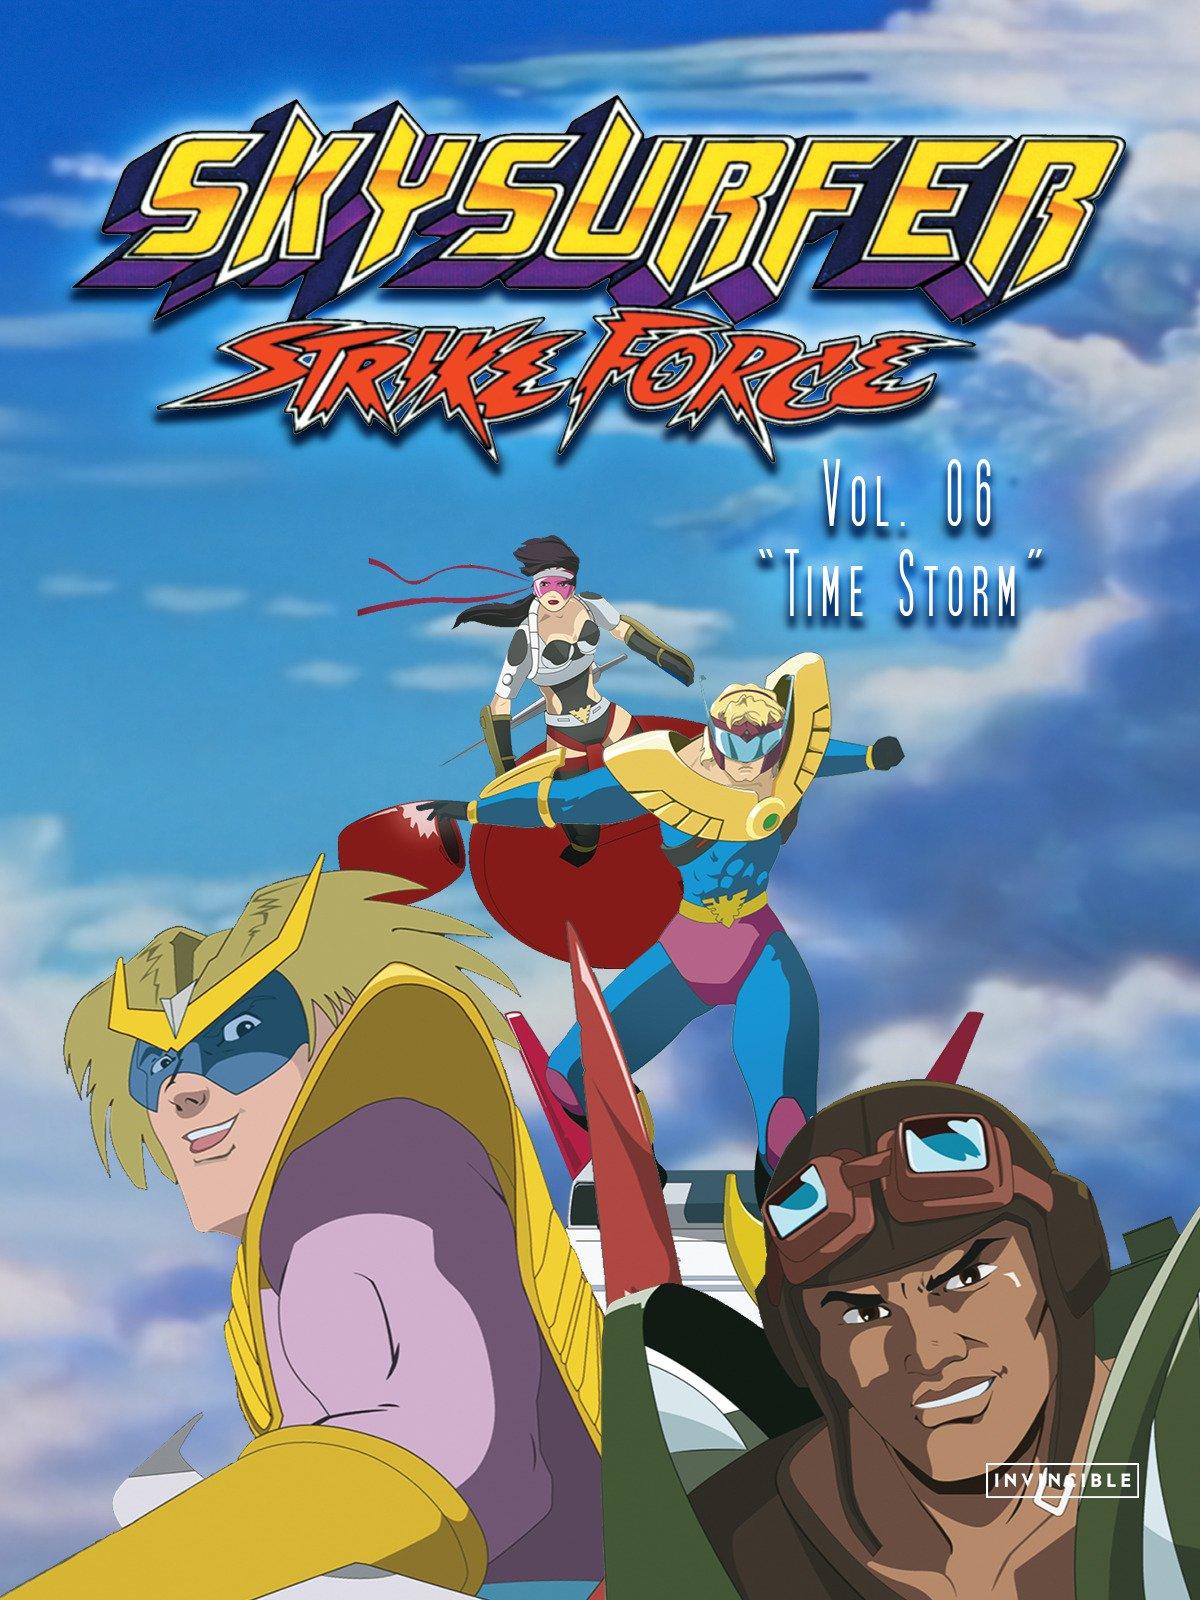 Skysurfer Strike Force Vol. 06Time Storm